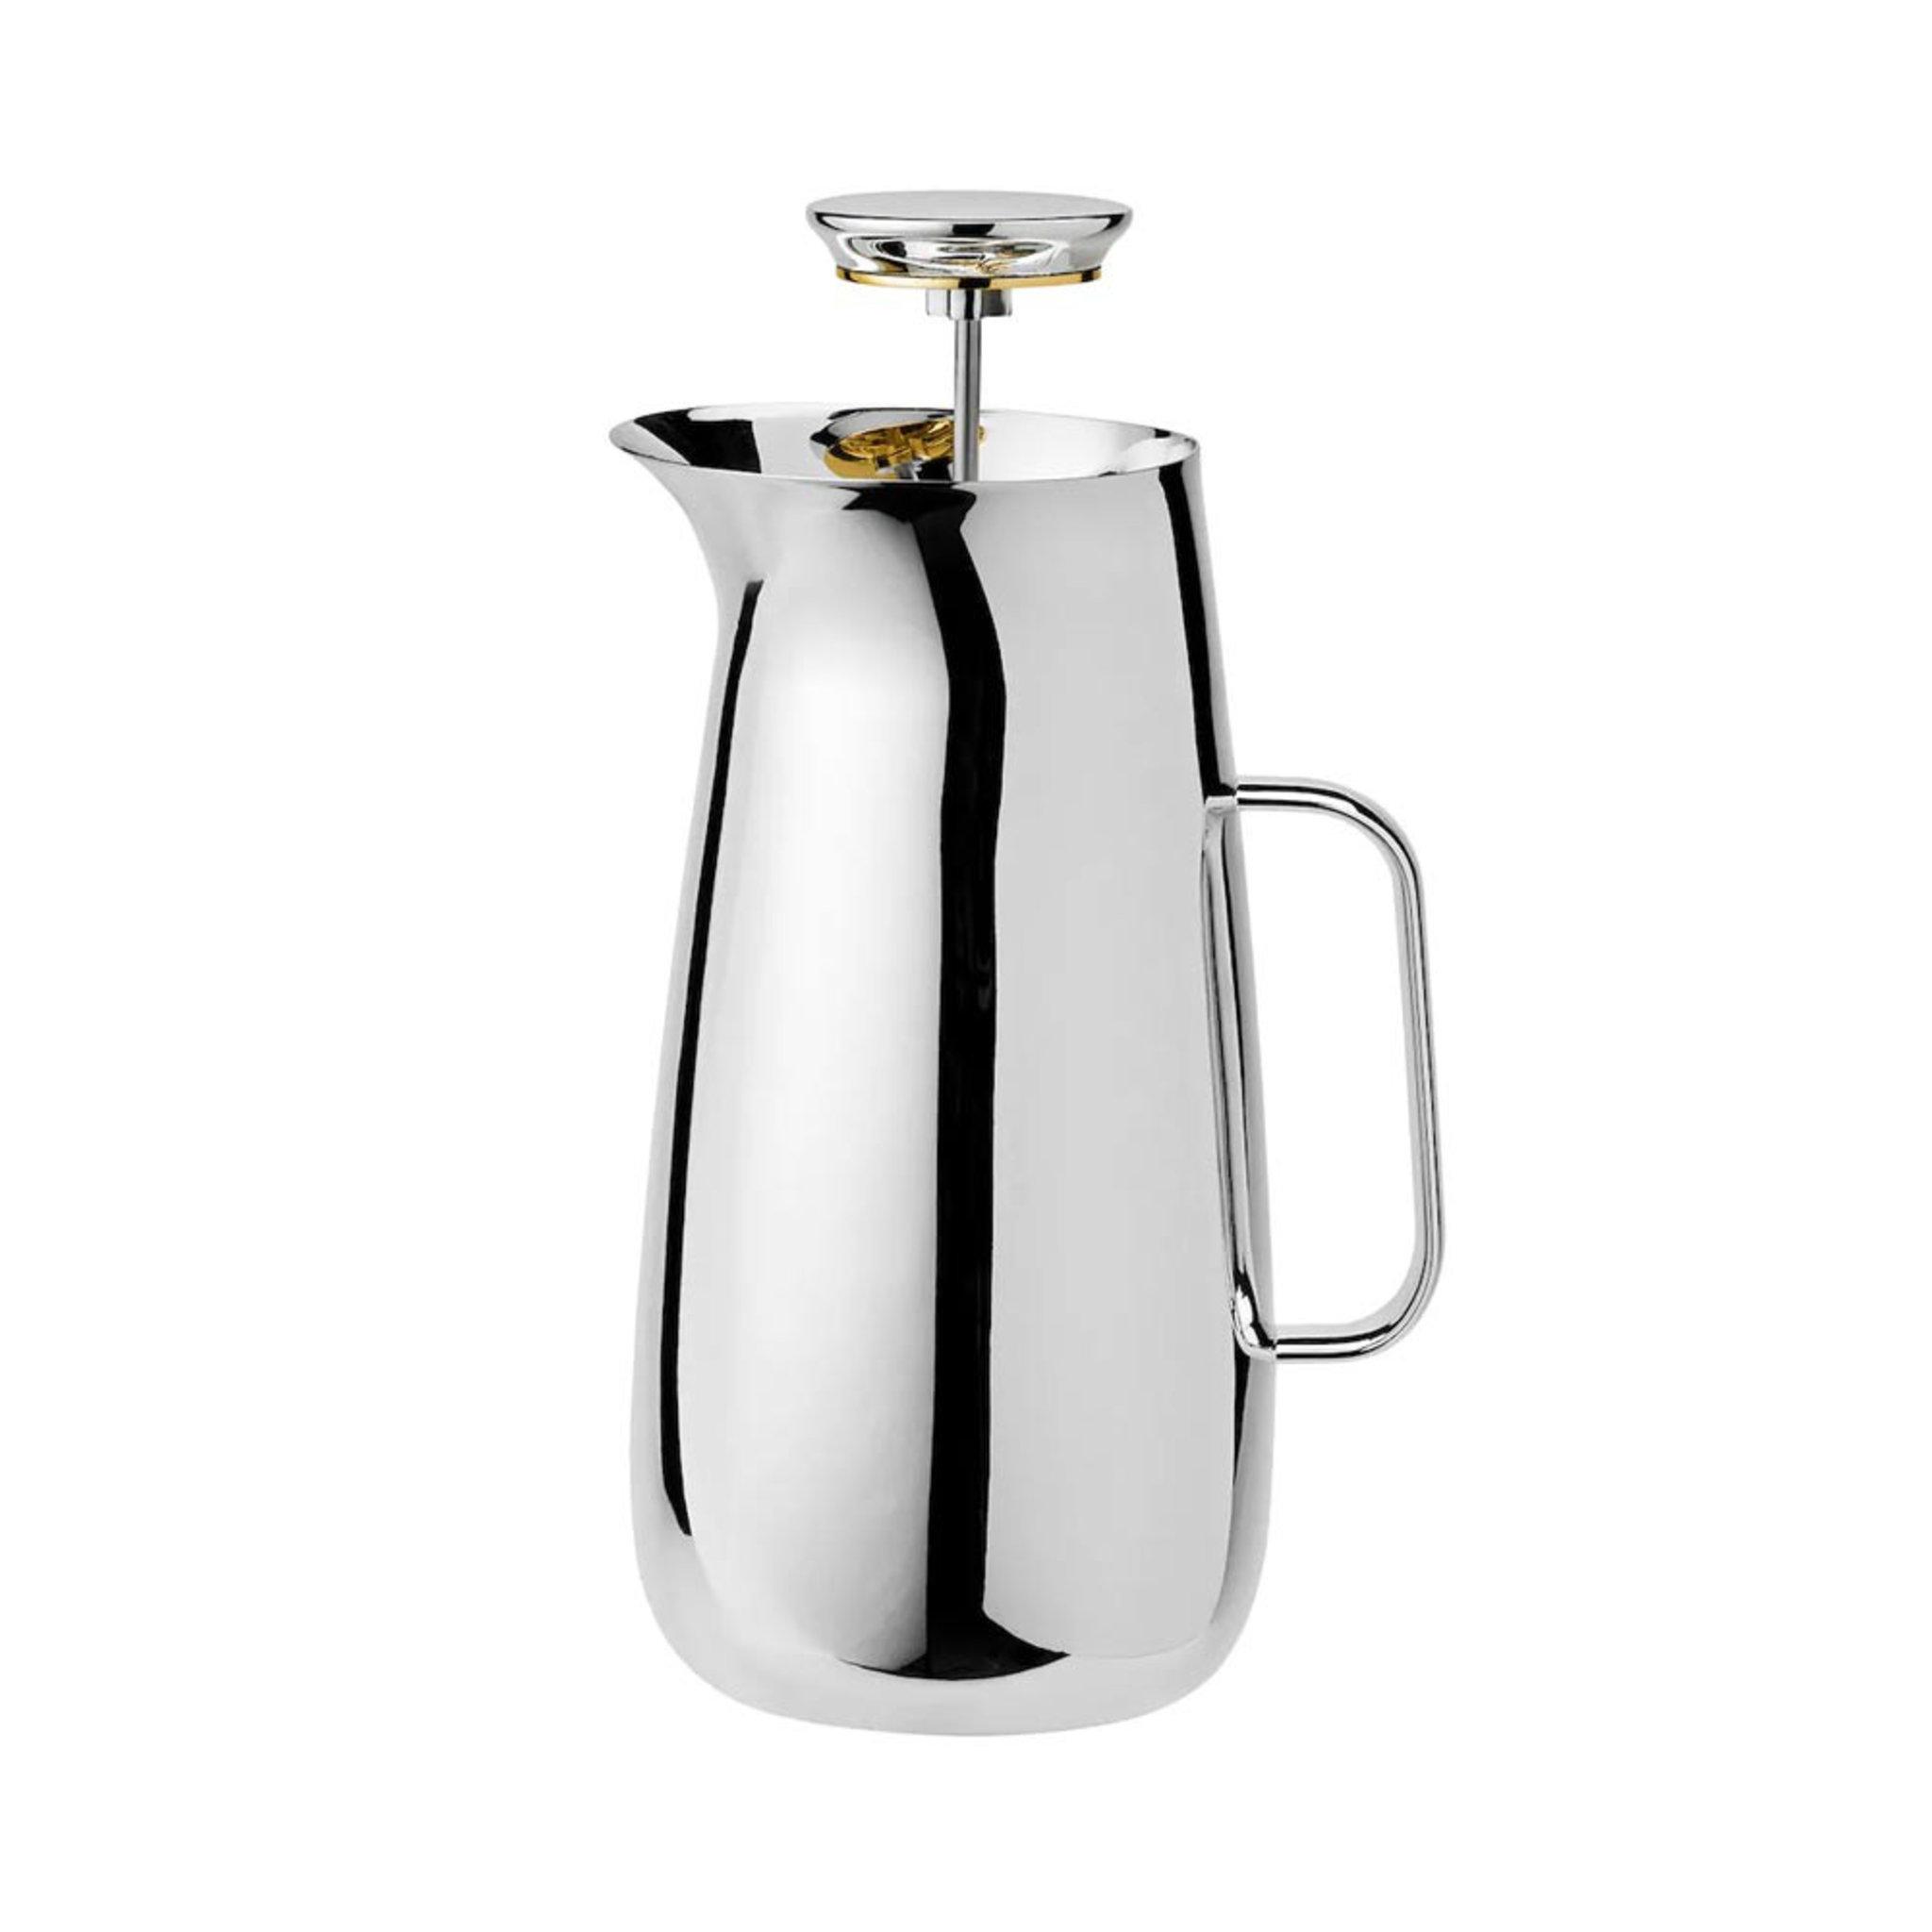 Presskanna Foster kaffe 1 L